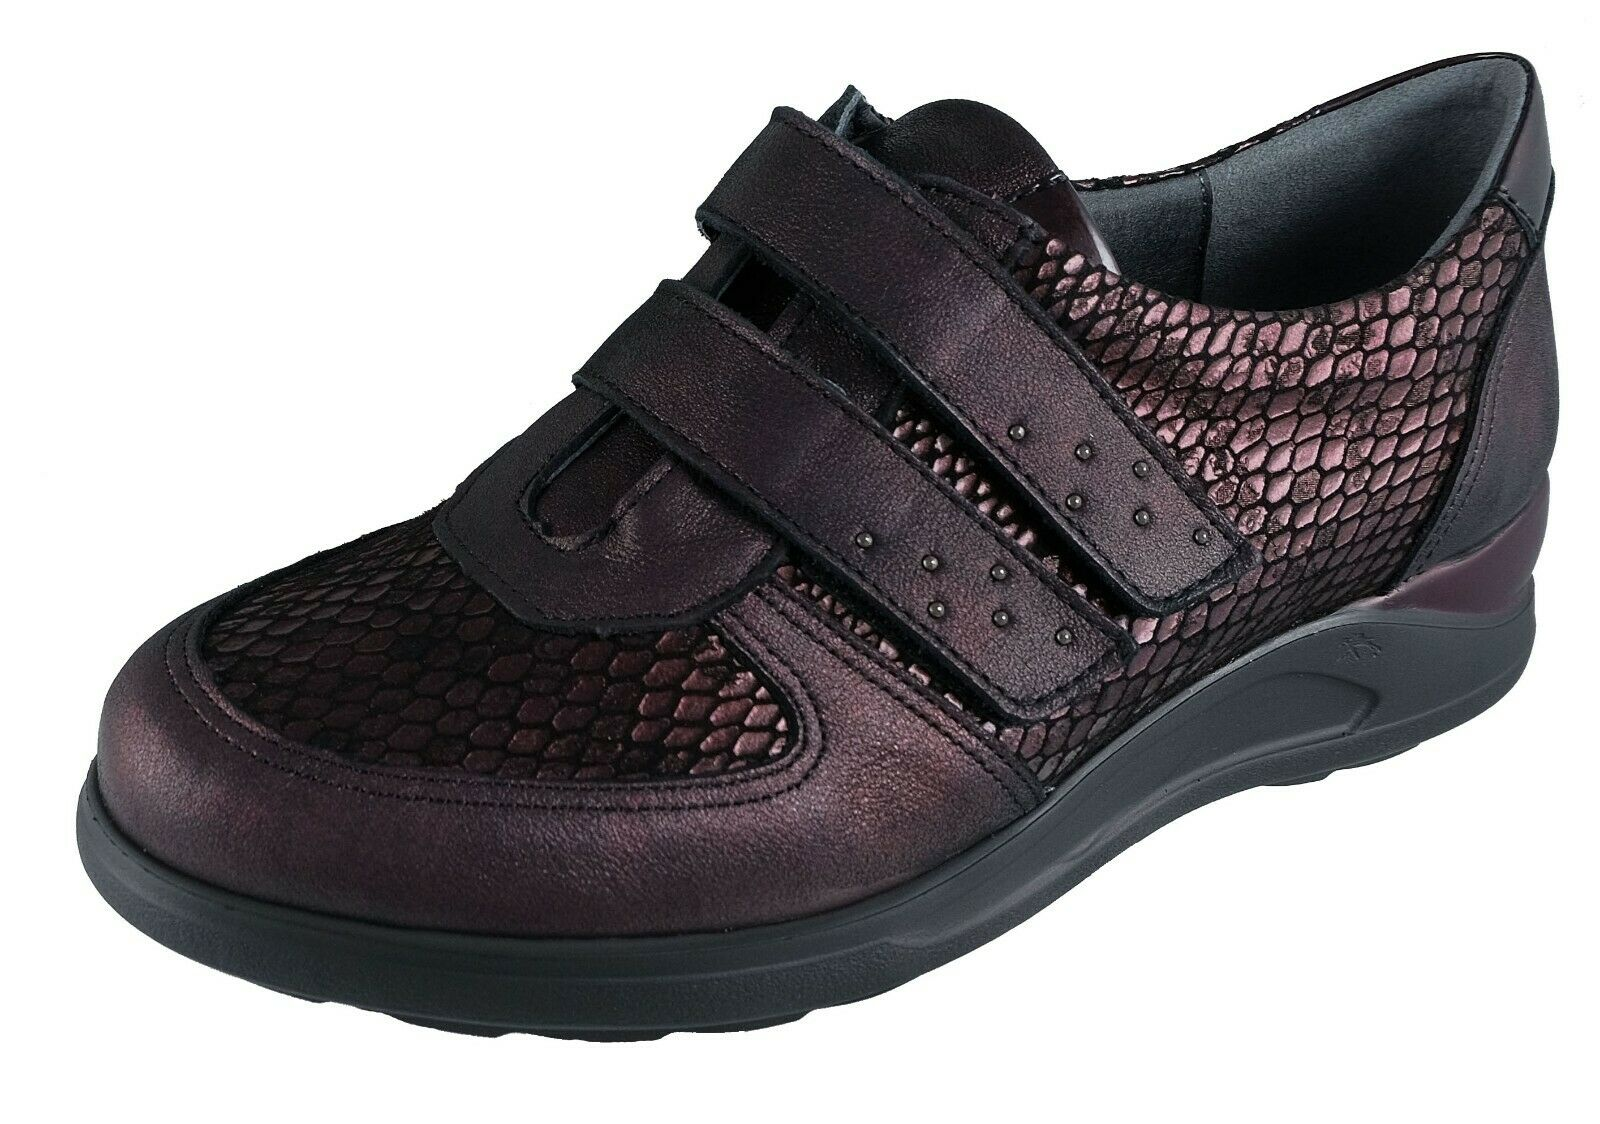 Scarpe Donna / Womens Shoes FlUCHOS Bordeaux Pelle Cloe Ref.F0711